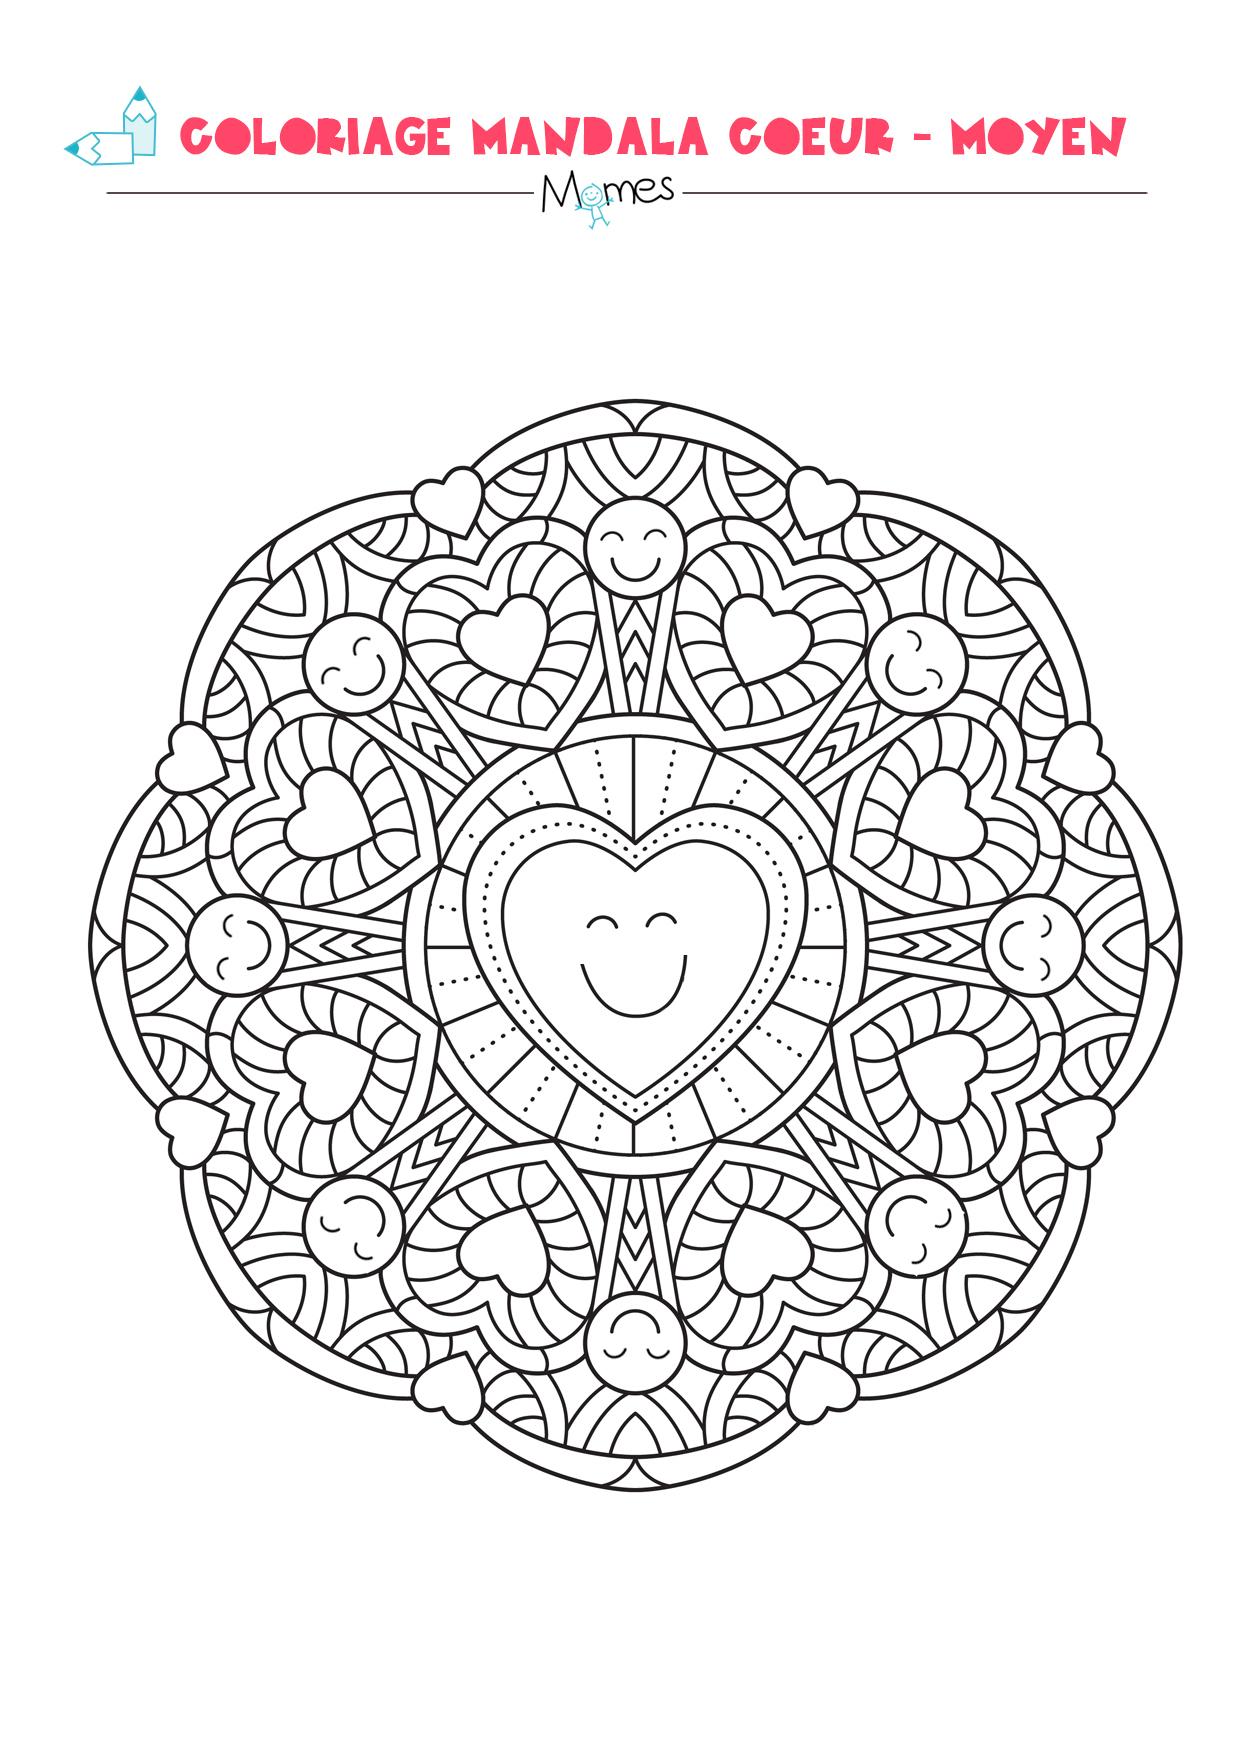 Coloriage Mandala Coeur - Moyen - Momes concernant Coloriage Mandale